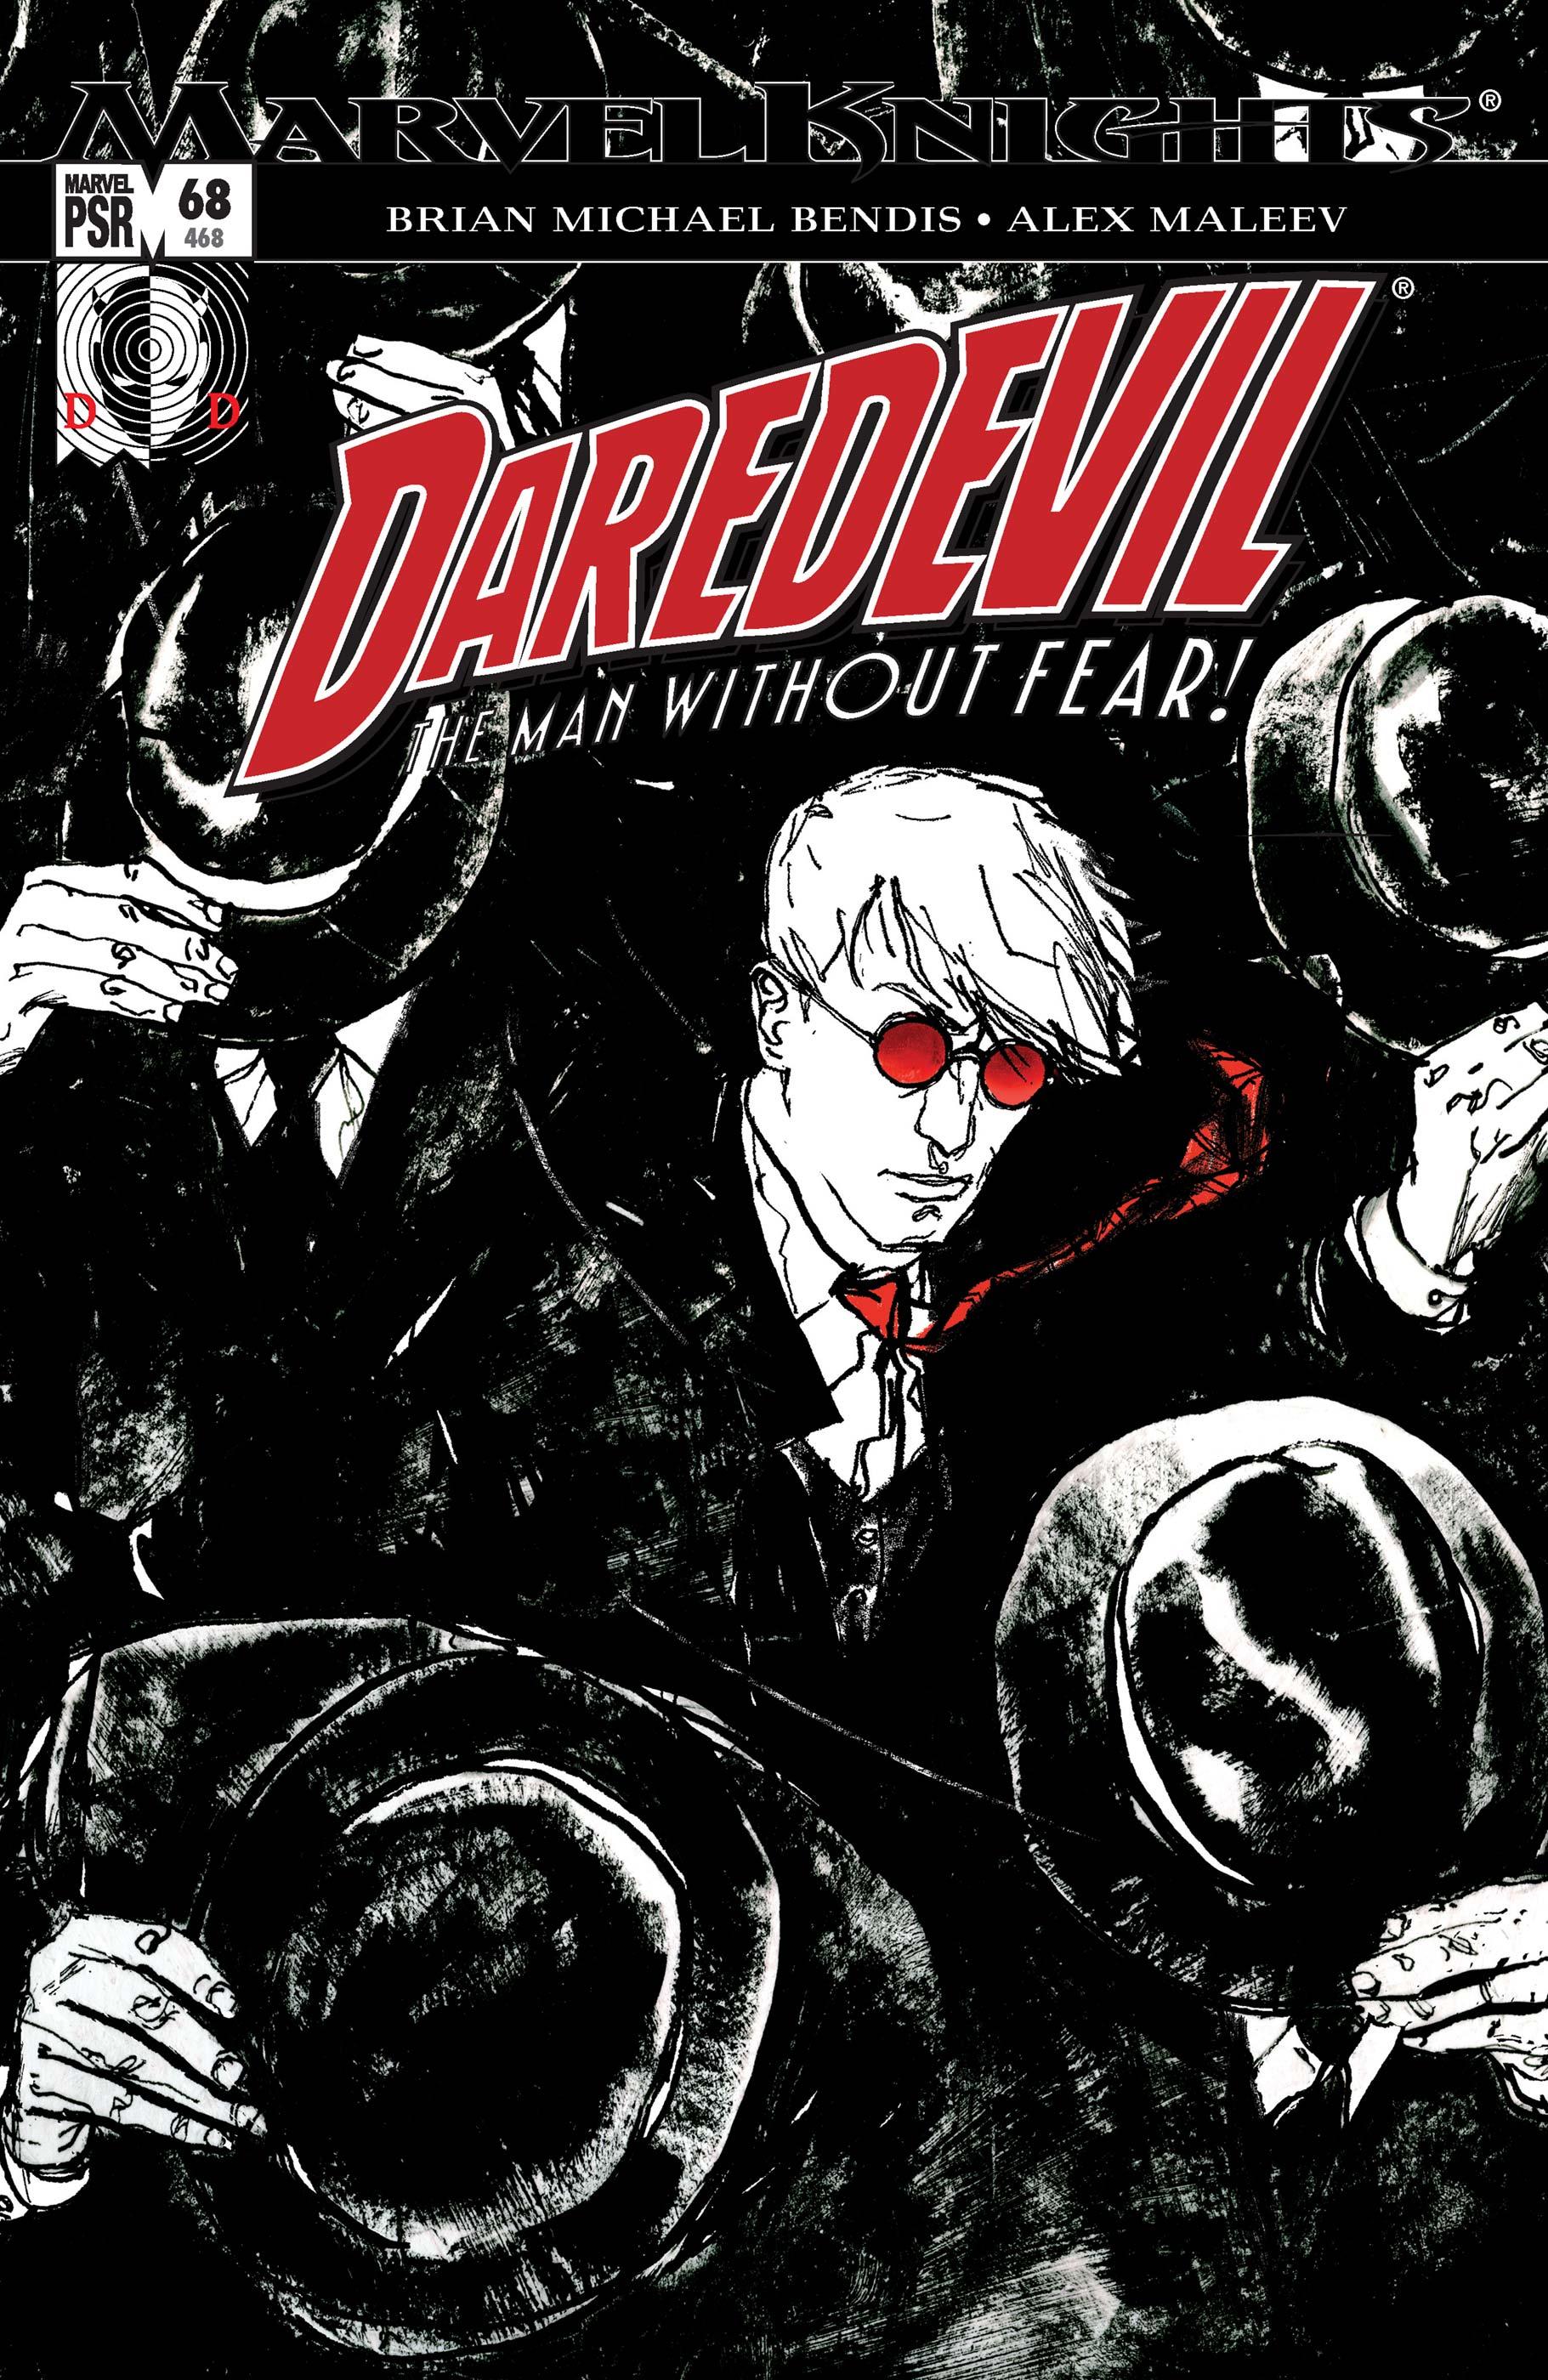 Daredevil (1998) #68